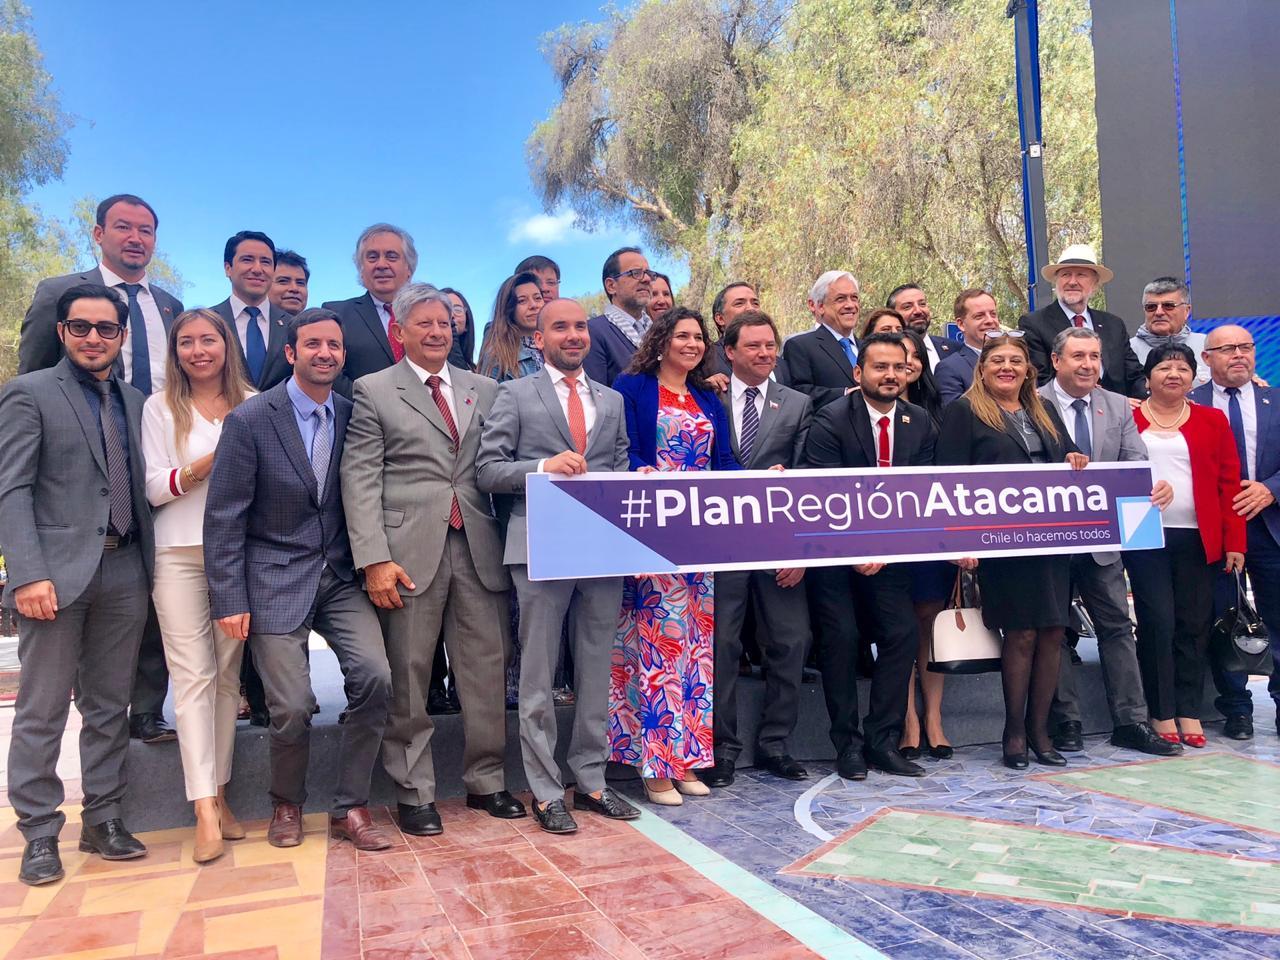 Gobernador Patricio Urquieta destacó los alcances del plan regional de Atacama